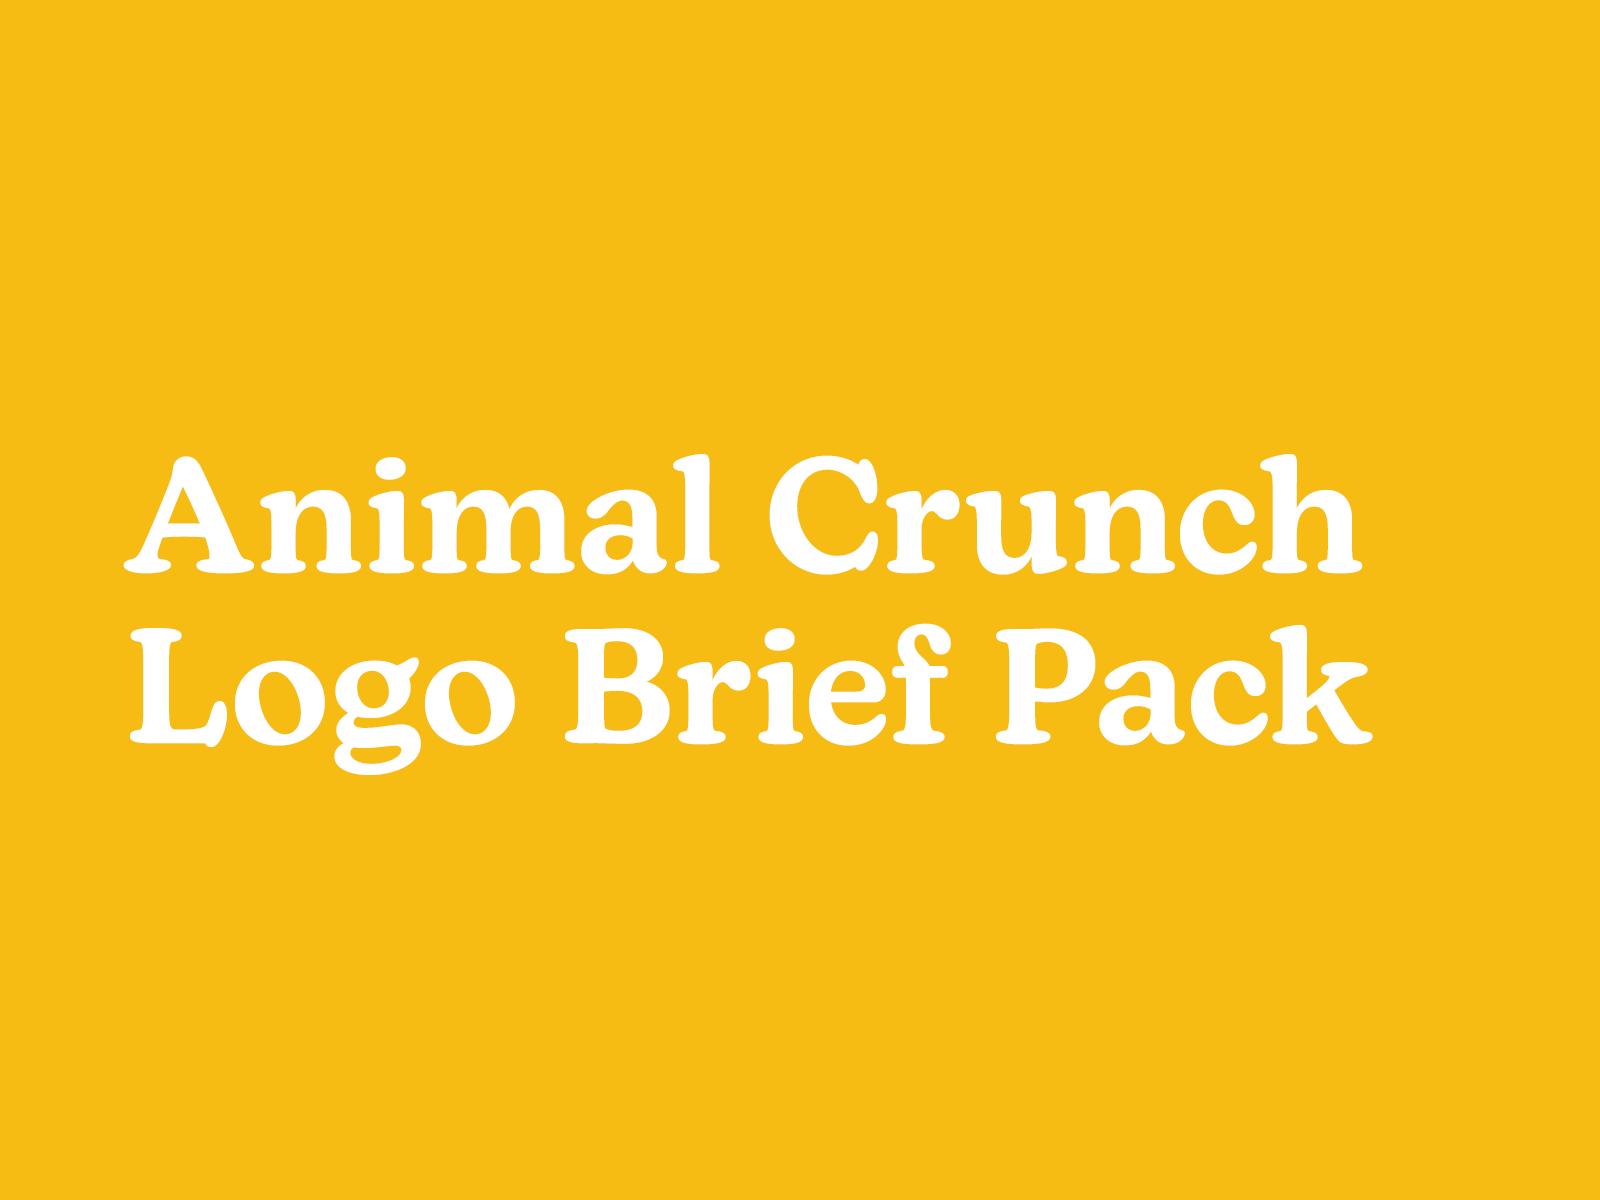 Animal Crunch Logo Brief Pack